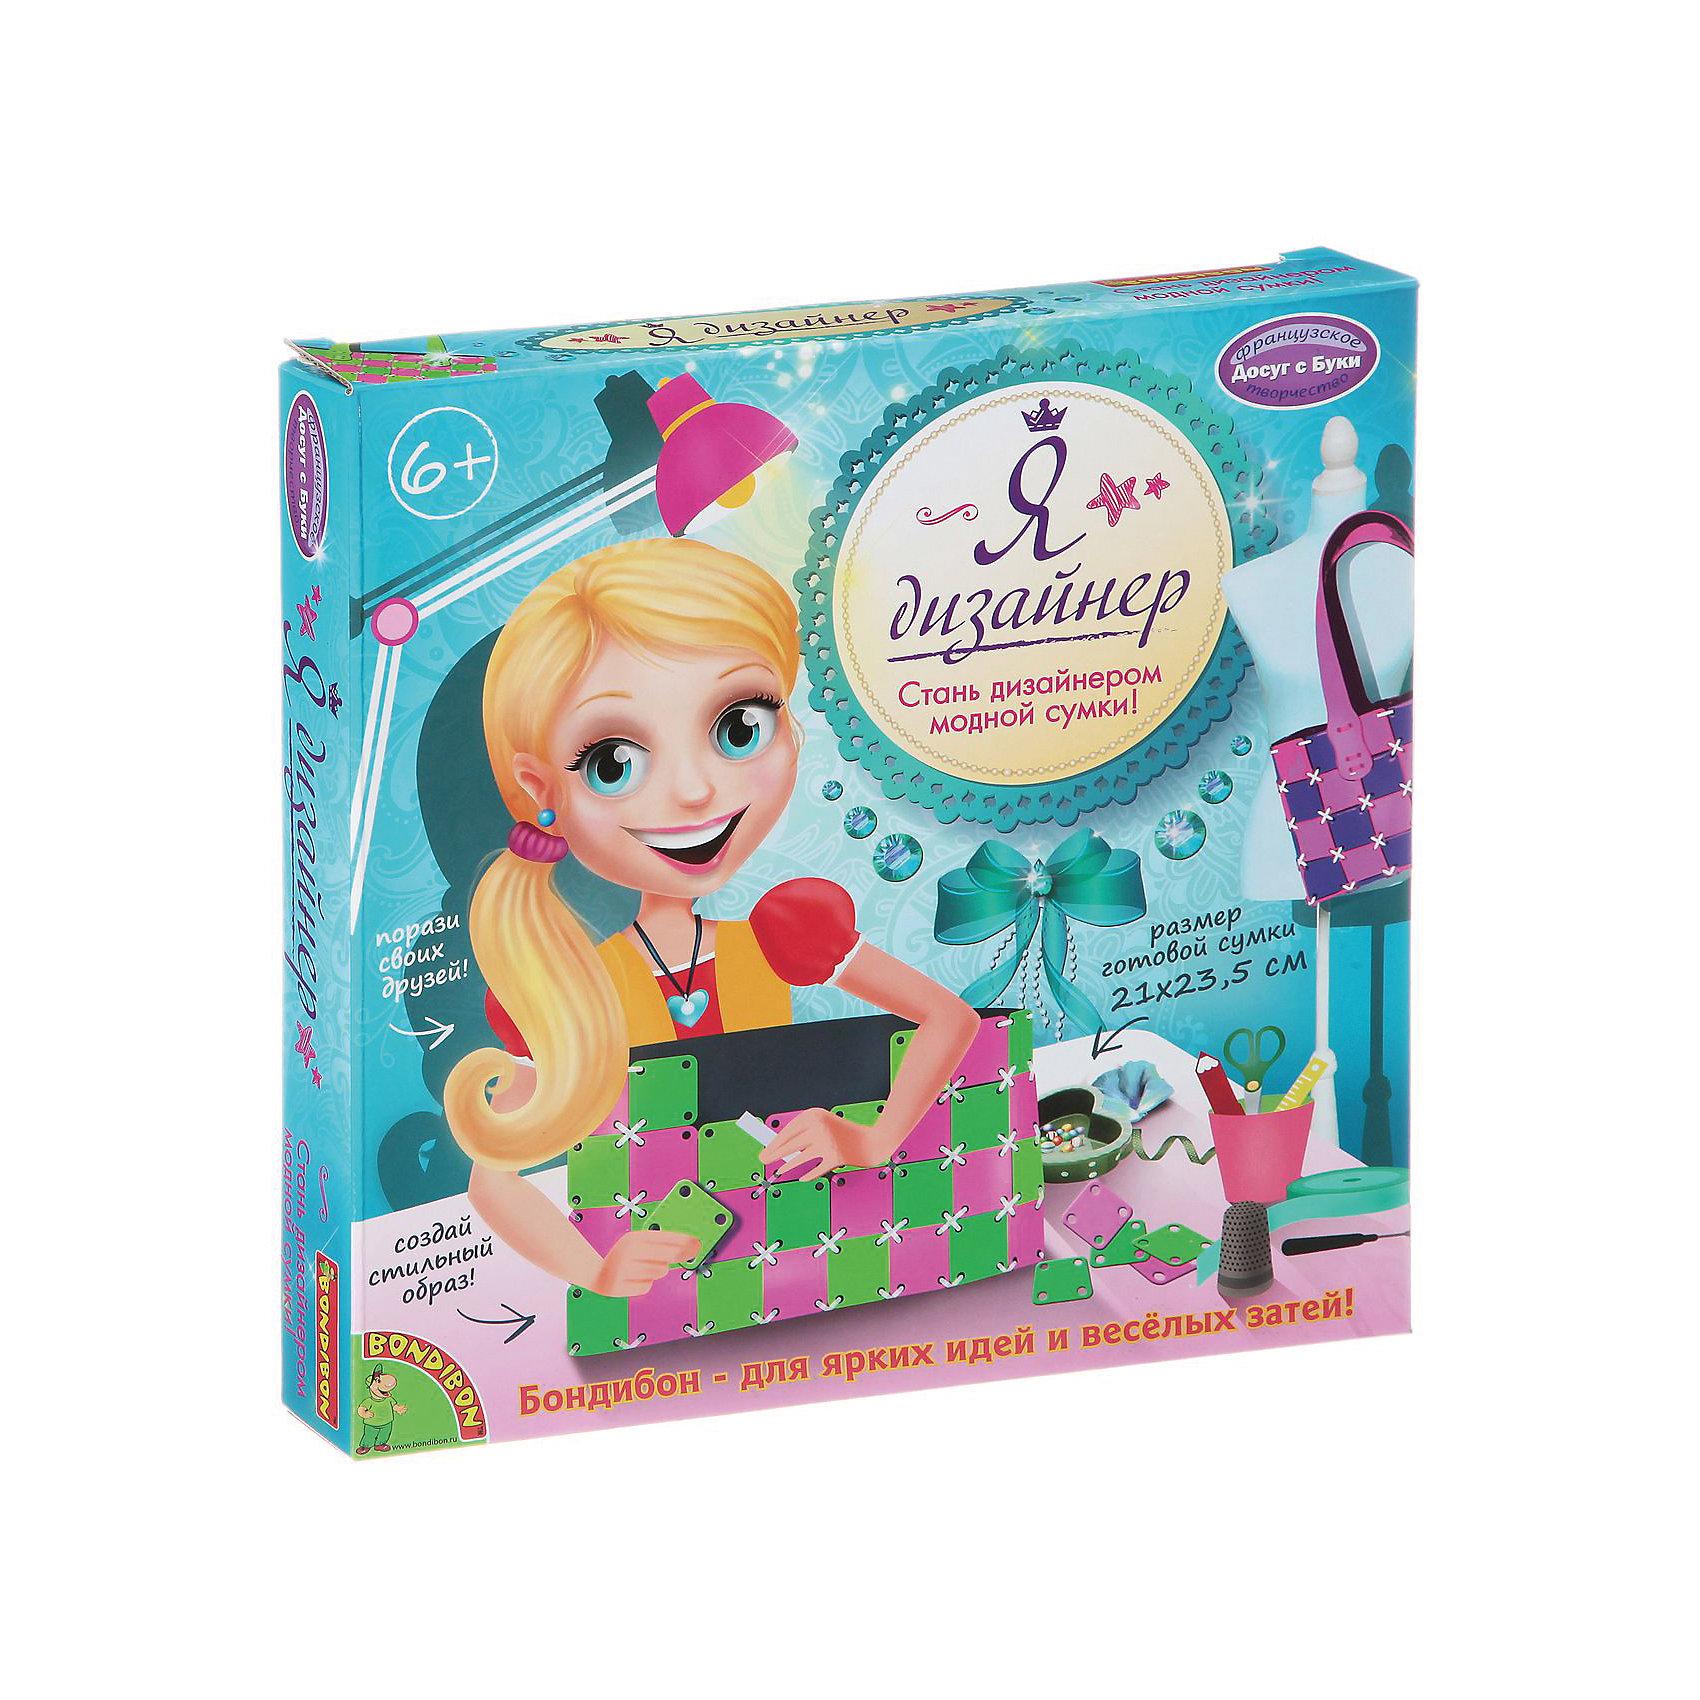 Сделай сумку из пластина 21*23,5 см (розово-салатовая)Яркая стильная сумочка, сделанная своими руками - то, что нужно юной моднице! С помощью этого набора девочка сможет сделать уникальный модный аксессуар из пластиковых пластин. Набор для творчества - приятный и полезный подарок на любой праздник, с ним малышка сможет почувствовать себя настоящим дизайнером и развить творческие способности и моторику рук. <br><br>Дополнительная информация:<br><br>- Материал: пластик.<br>- Размер готовой сумочки: 21х23,5 см.<br>- Комплектация: пластины (71 шт.), крепежи с двумя ножками (24 шт.), крепежи с четырьмя ножками (56 шт.), крепежи с тремя ножками (4 шт.), две ручки, тканевая подкладка, инструкция.<br><br>Набор Сделай сумку из пластин 21*23,5 см (розово-салатовую) можно купить в нашем магазине.<br><br>Ширина мм: 26<br>Глубина мм: 4<br>Высота мм: 26<br>Вес г: 325<br>Возраст от месяцев: 72<br>Возраст до месяцев: 144<br>Пол: Женский<br>Возраст: Детский<br>SKU: 4993198